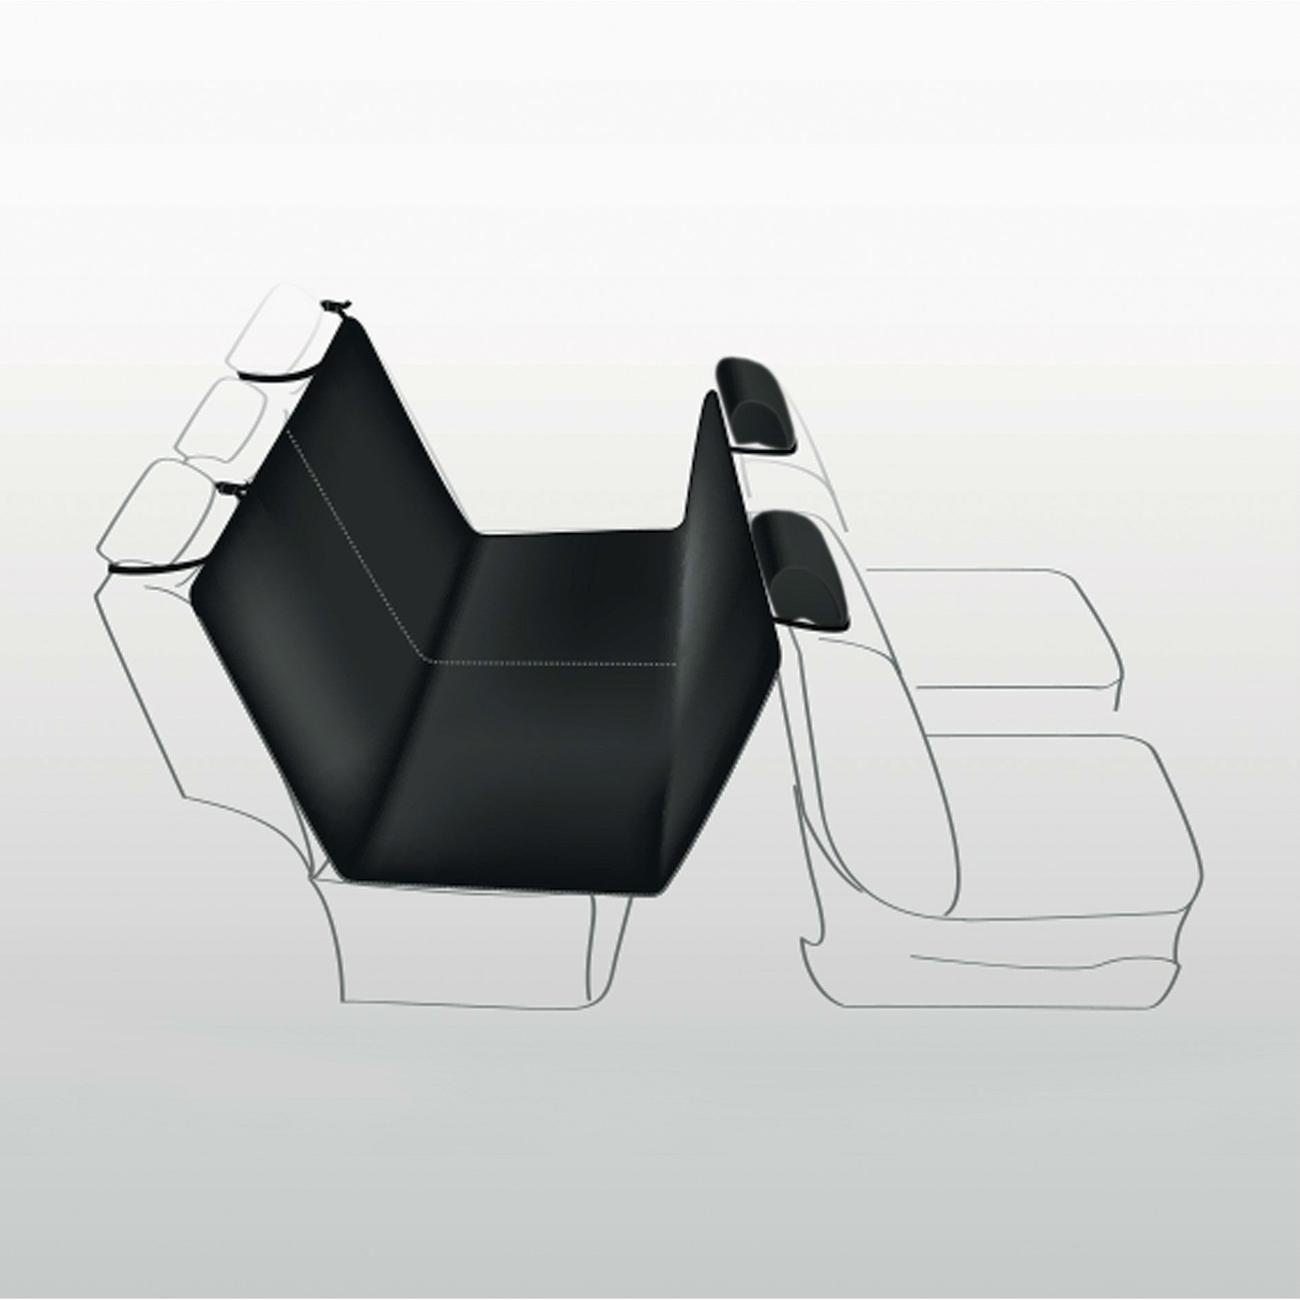 TRIXIE Rücksitz Auto-Schondecke teilbar mit Kopfstützen-Schutz 1324, Bild 4